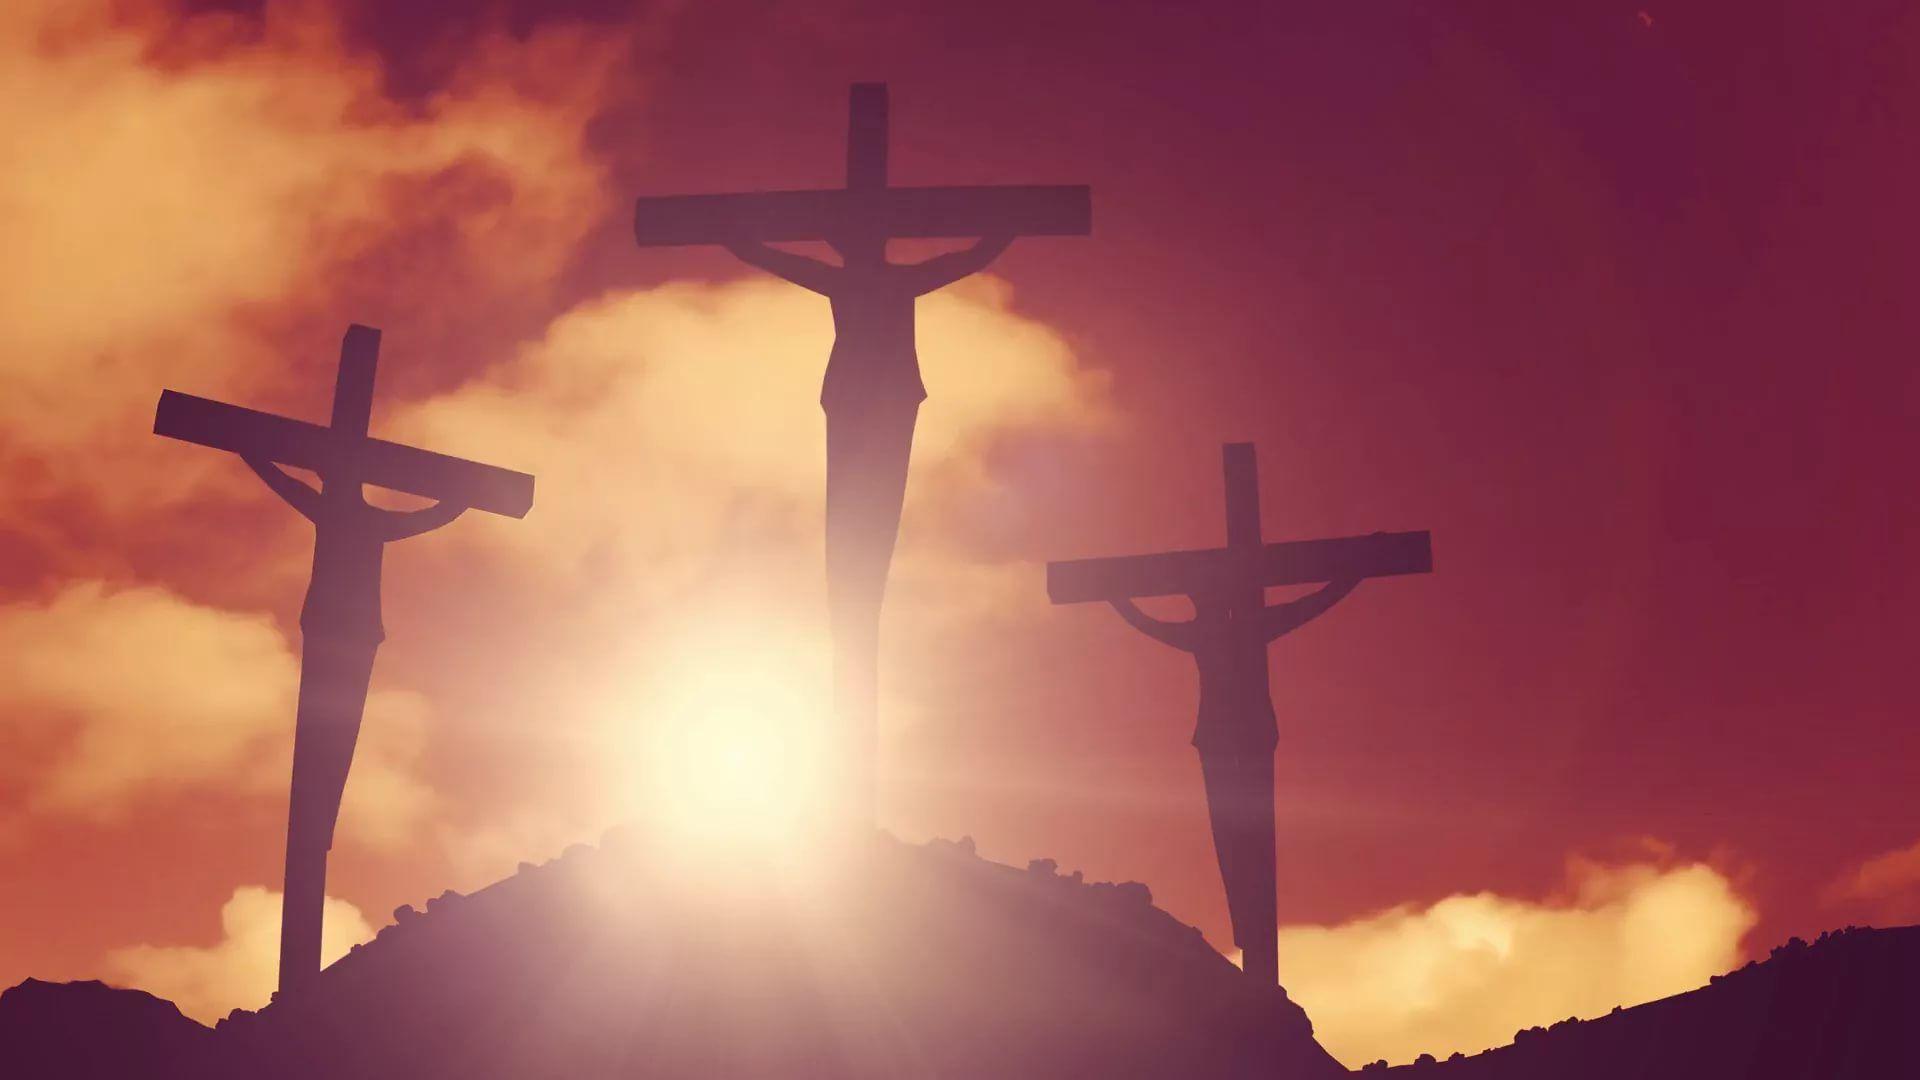 Jesus Cross Desktop Wallpaper